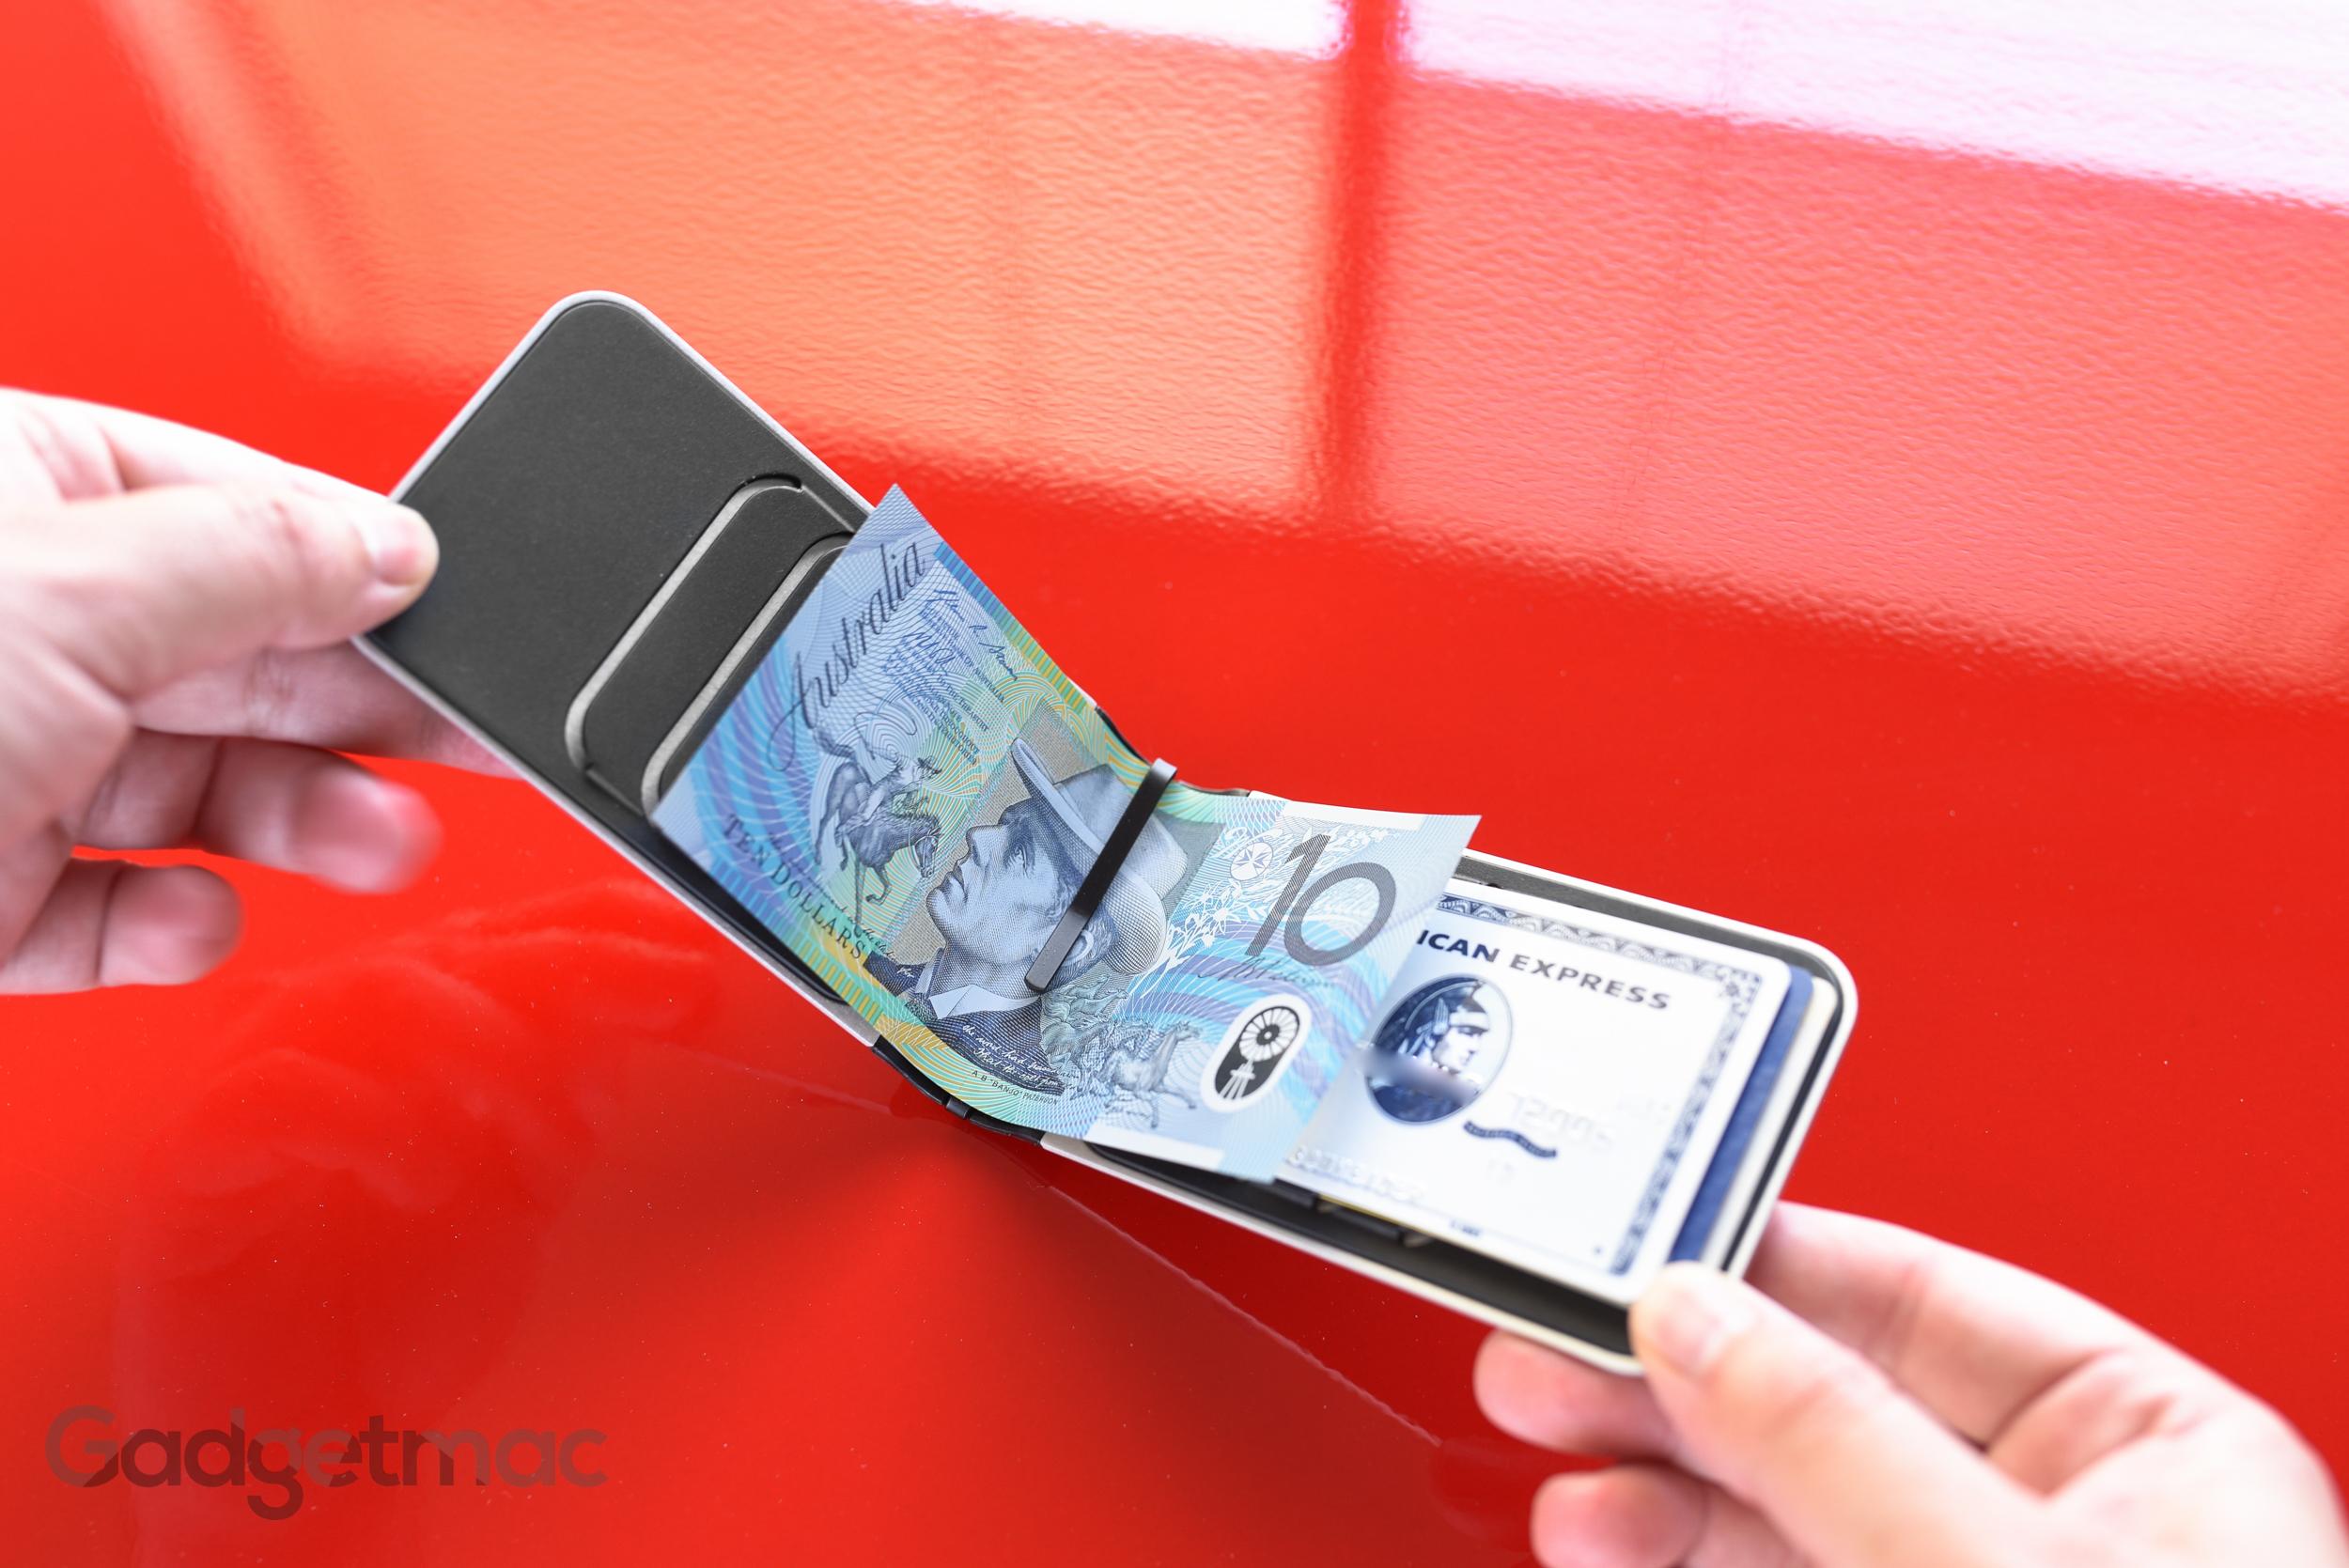 dosh_alloy_aluminum_card_wallet_money_clip.jpg